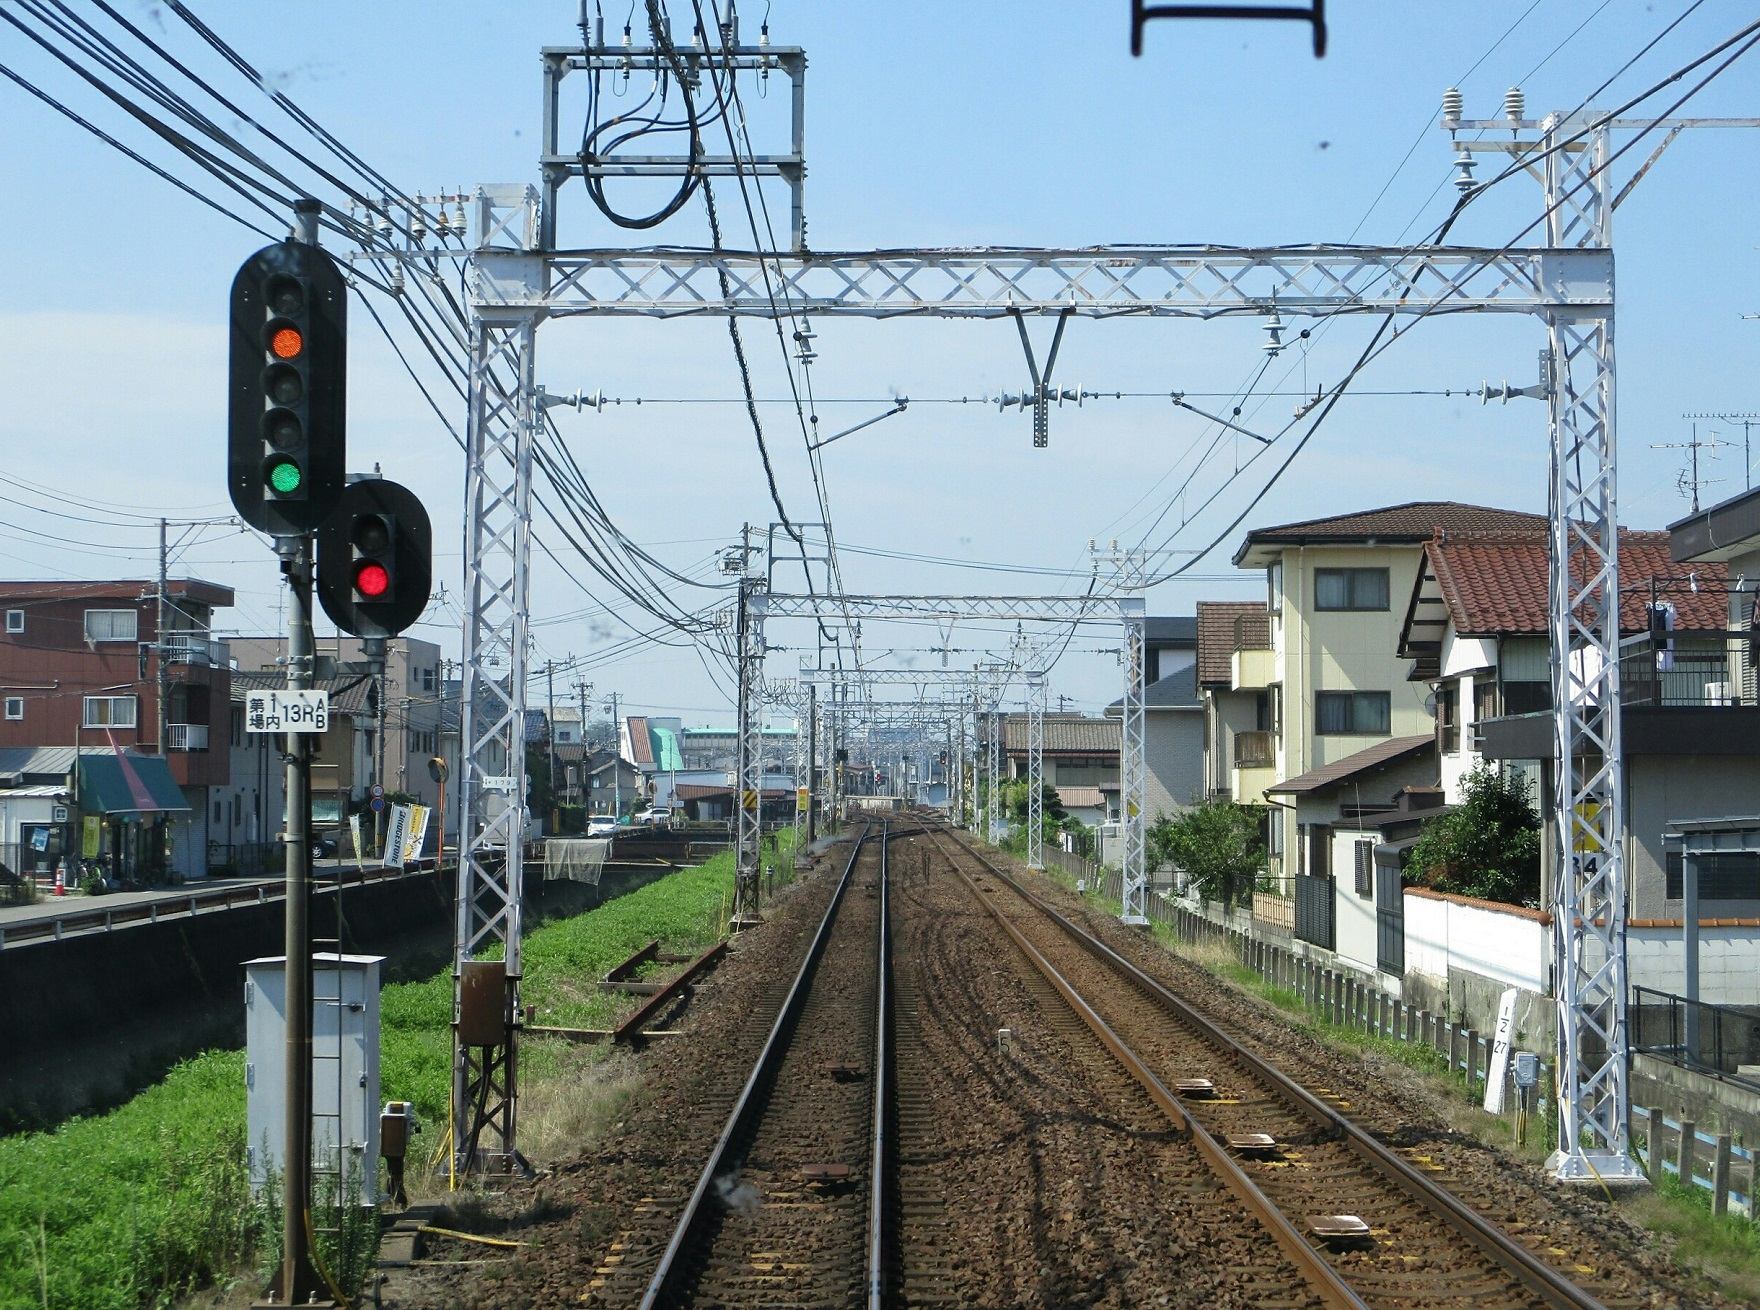 2018.7.18 (20) 須ヶ口いきふつう - 岐南-笠松間 1760-1310